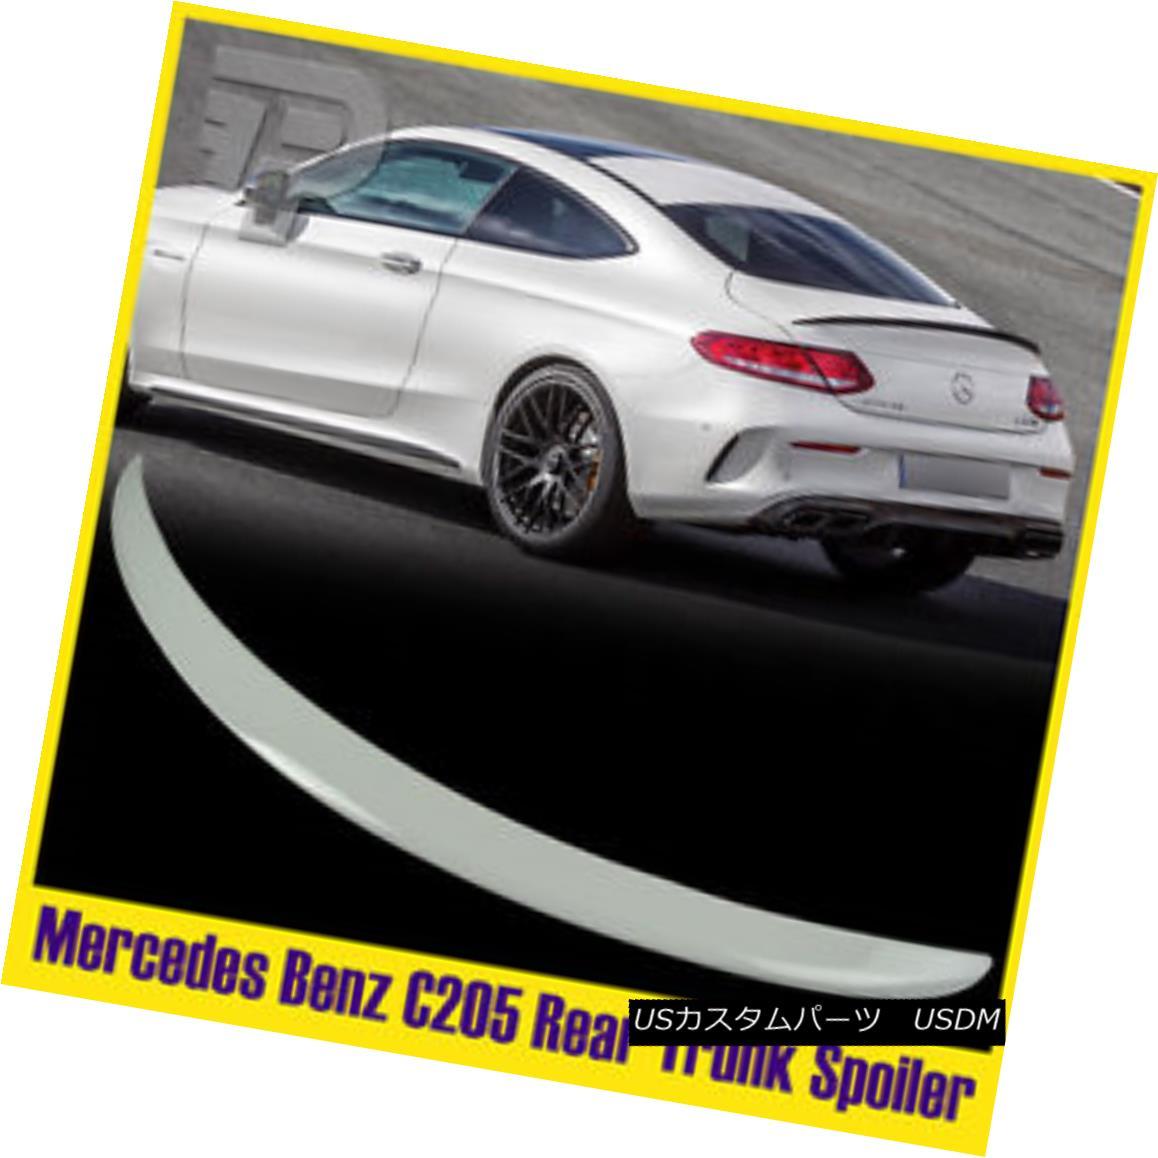 エアロパーツ Painted #149 Mercedes BENZ C-Class C205 2DR AM-Look Trunk Spoiler COUPE 塗装#149メルセデスベンツCクラスC205 2DR AMルックトランクスポイラーCOUPE